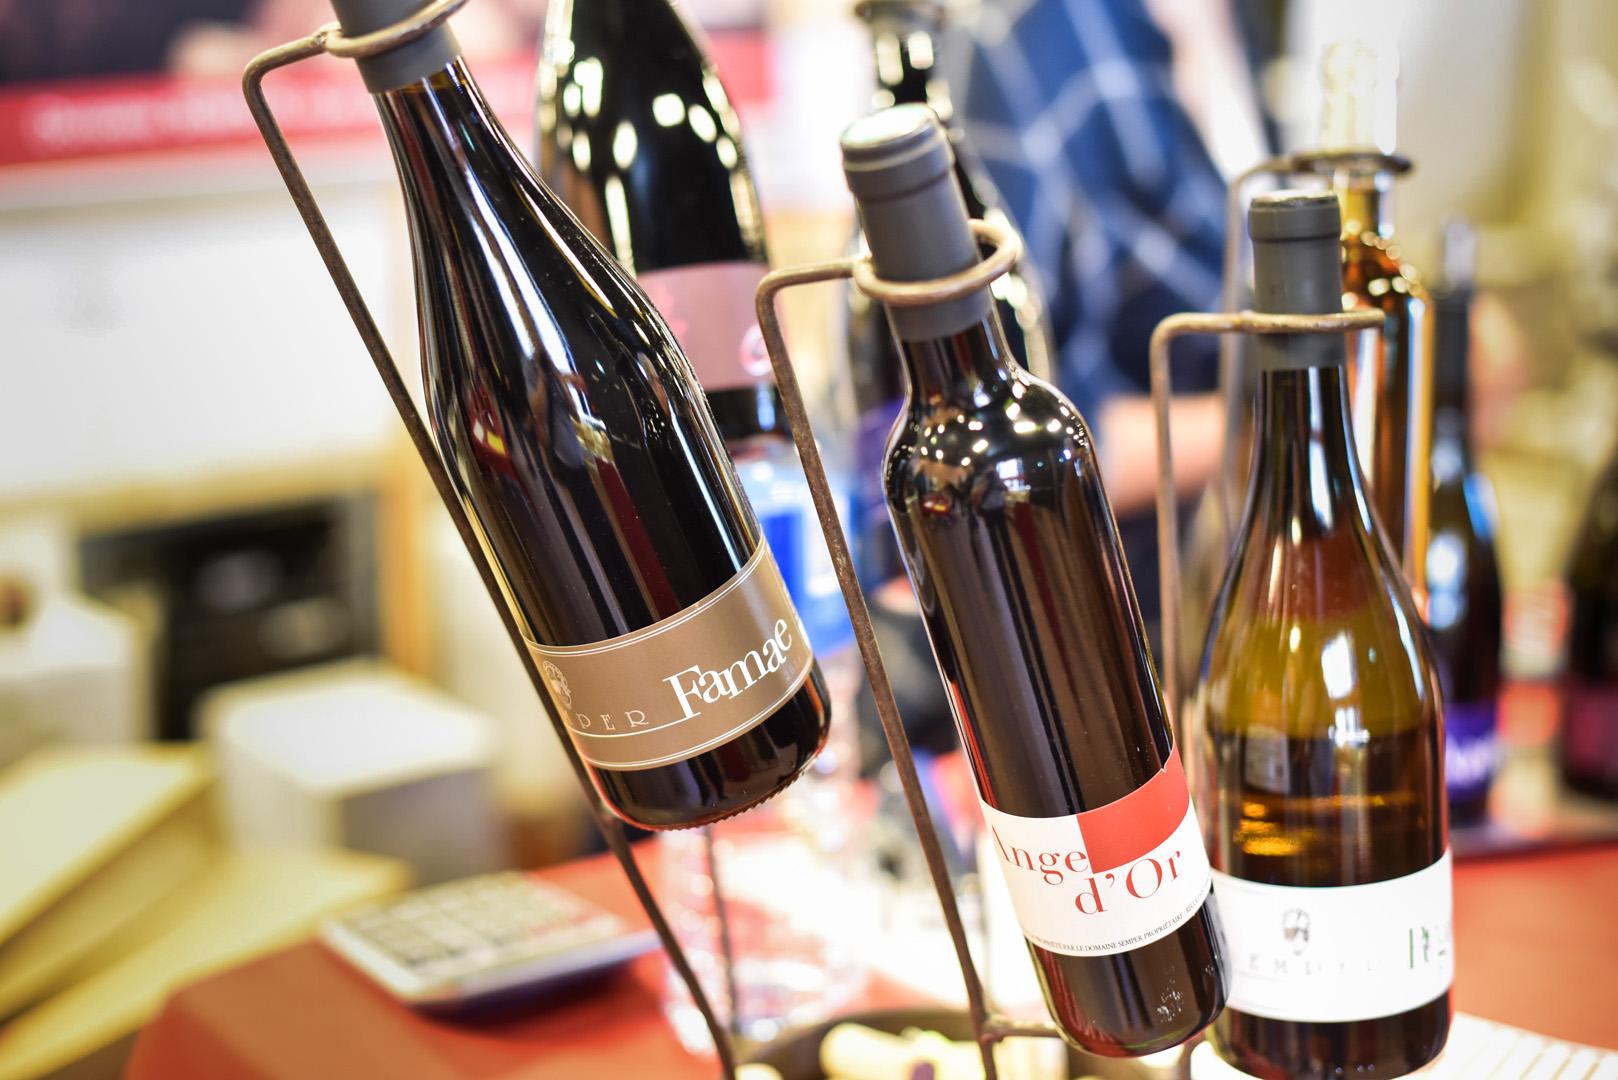 2016-10-17 - salon vinomedia villeurbanne047